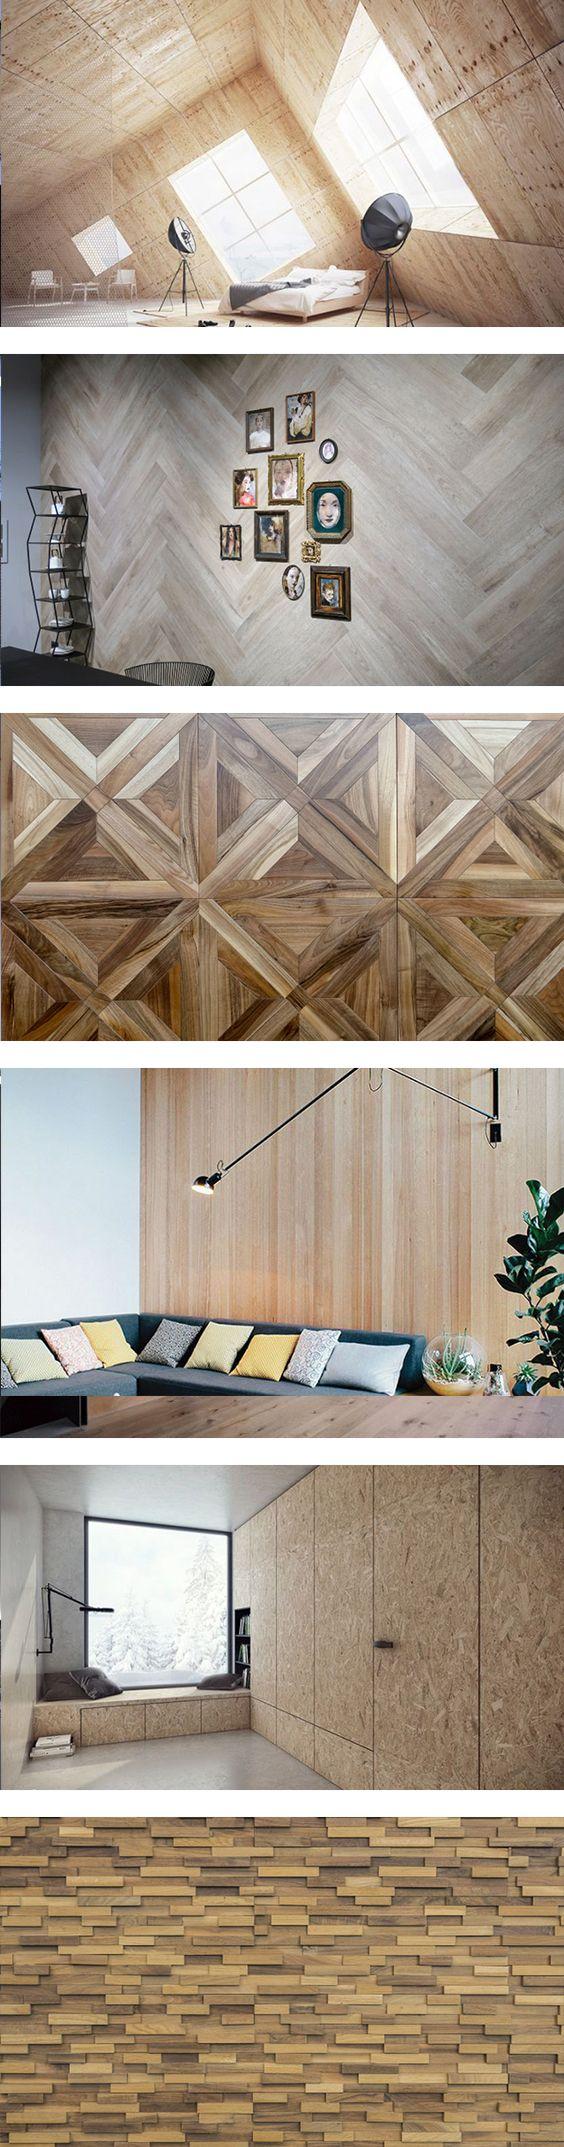 Tendencia: Madera en Muros // En las últimas temporadas, los interioristas han decidido revestir los muros con madera. Se trata de una tendencia que desde un punto de vista estético causa un enorme impacto, tanto que incluso el resto del interiorismo gira por fuerza en torno a este elemento.